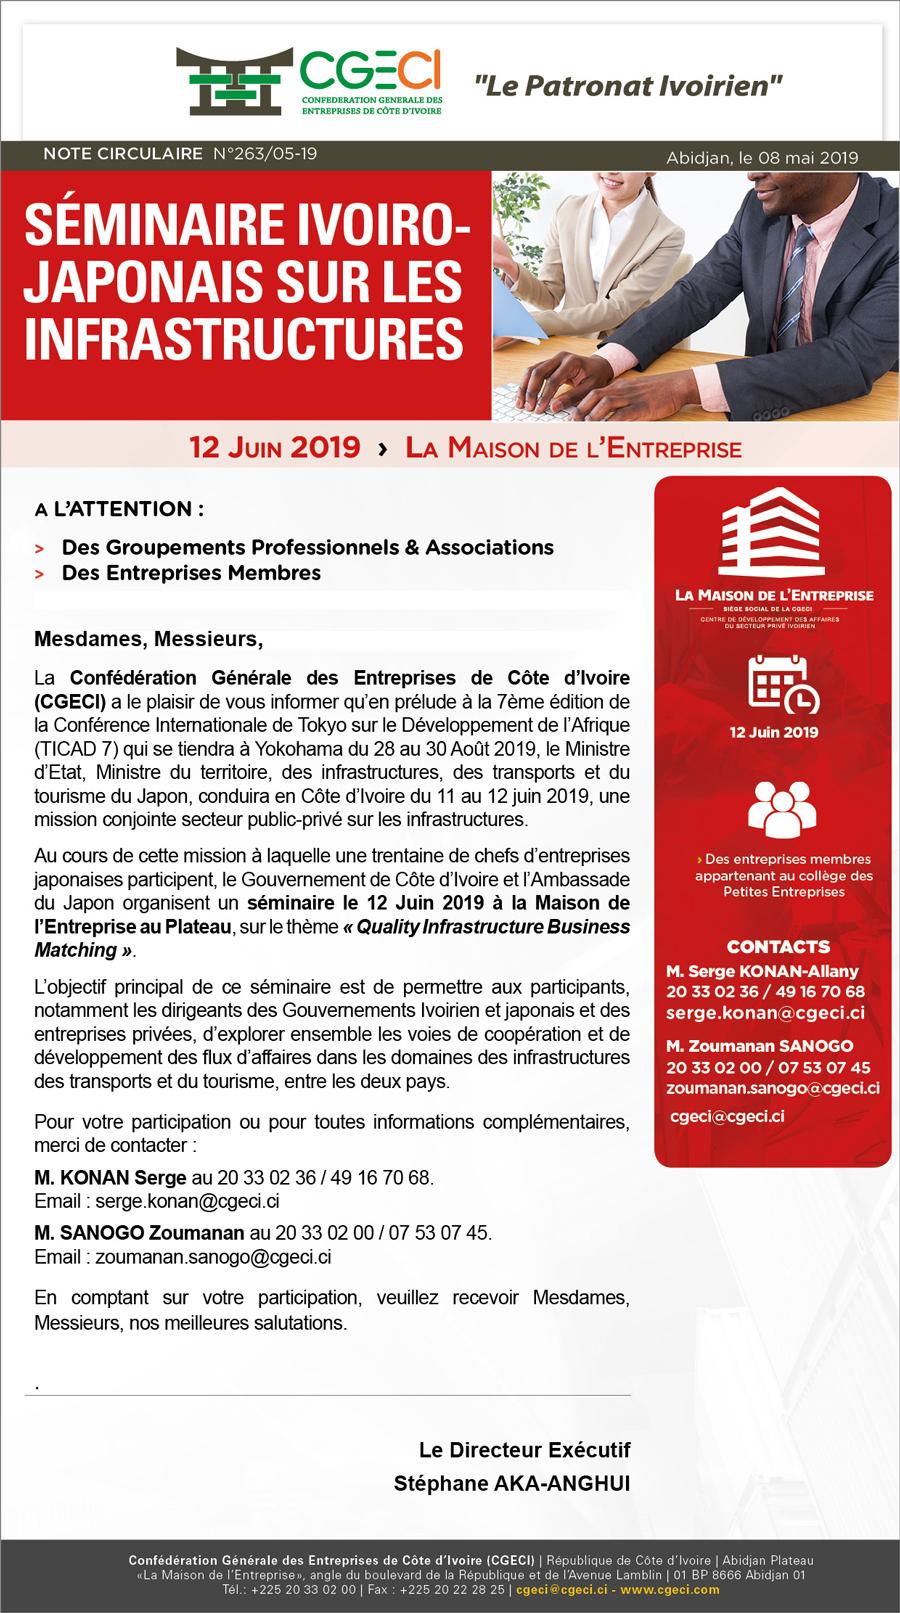 Séminaire Ivoiro-japonais sur les infrastructures